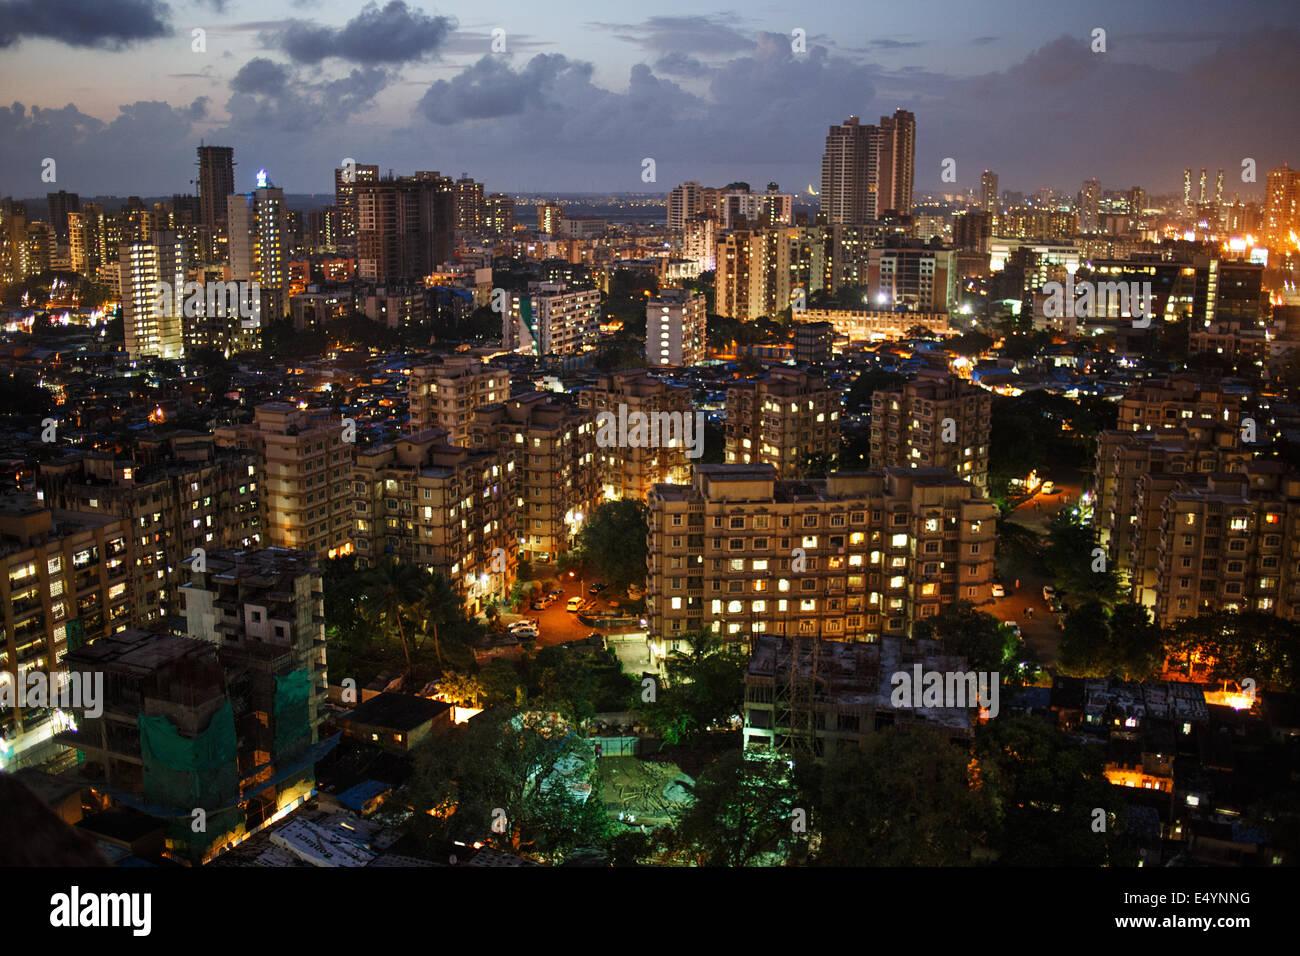 Paisaje nocturno con modernos edificios residenciales en Jogeshwari y Andheri zona oeste de Mumbai, India. Imagen De Stock